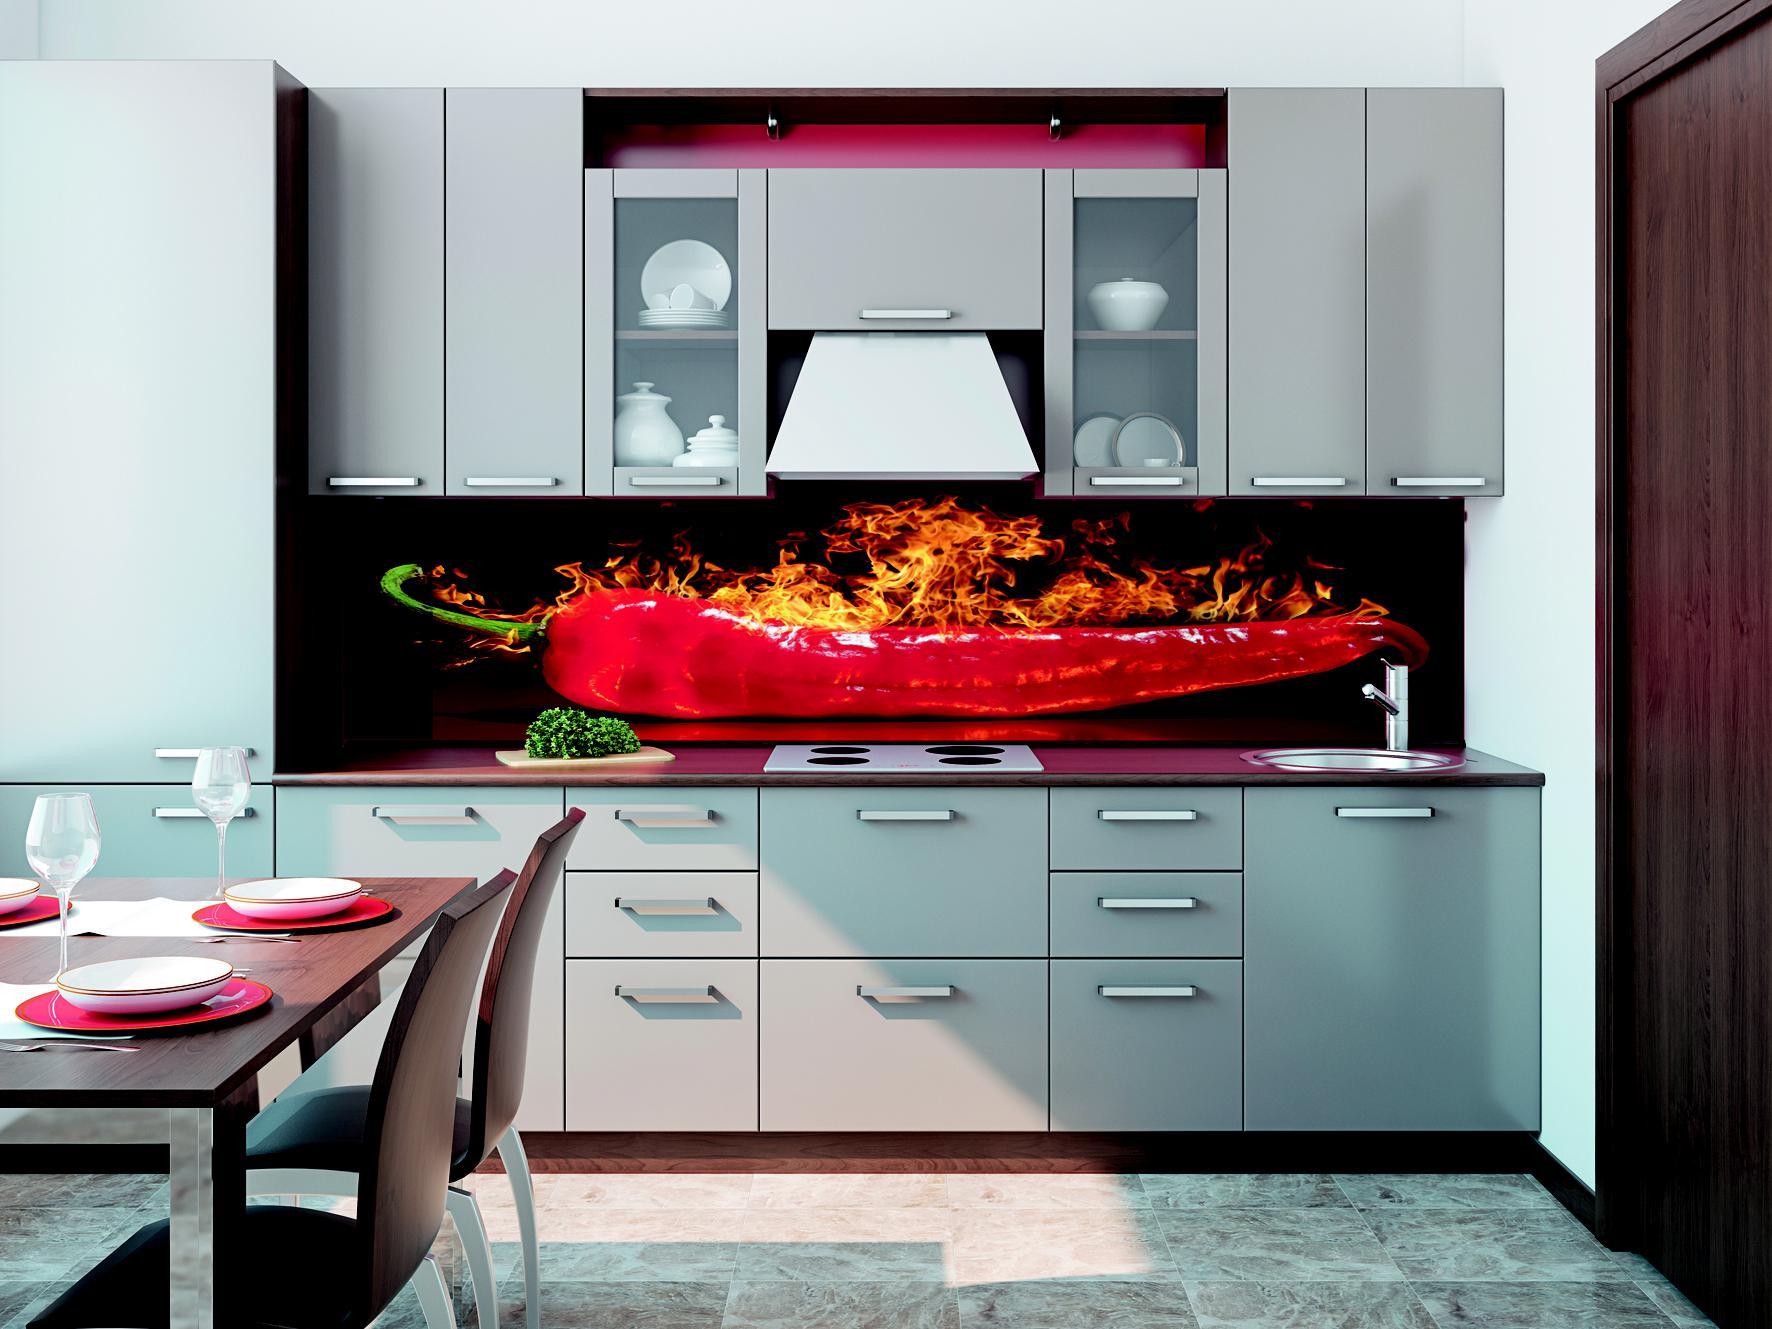 anleitung fachgerechte befestigung küchenrückwand | frag mutti, Möbel